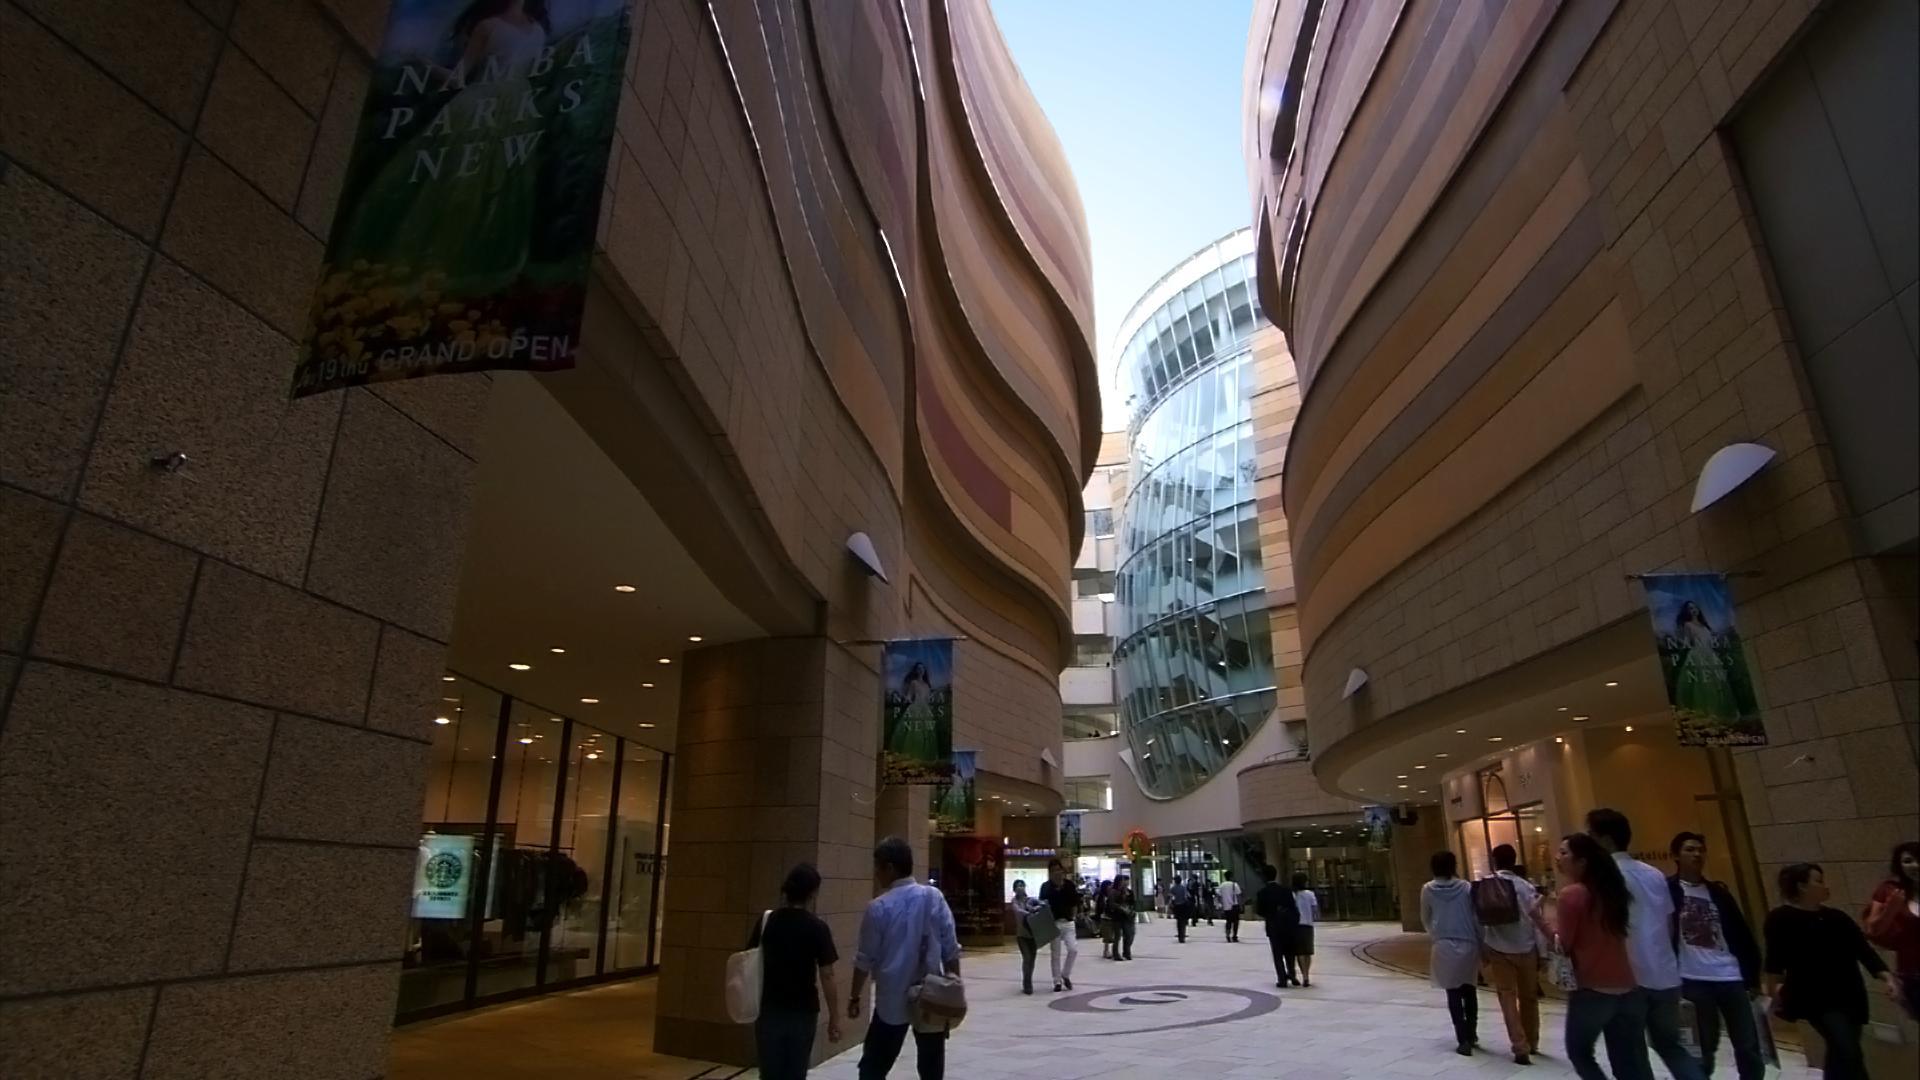 malls 19_41.jpg